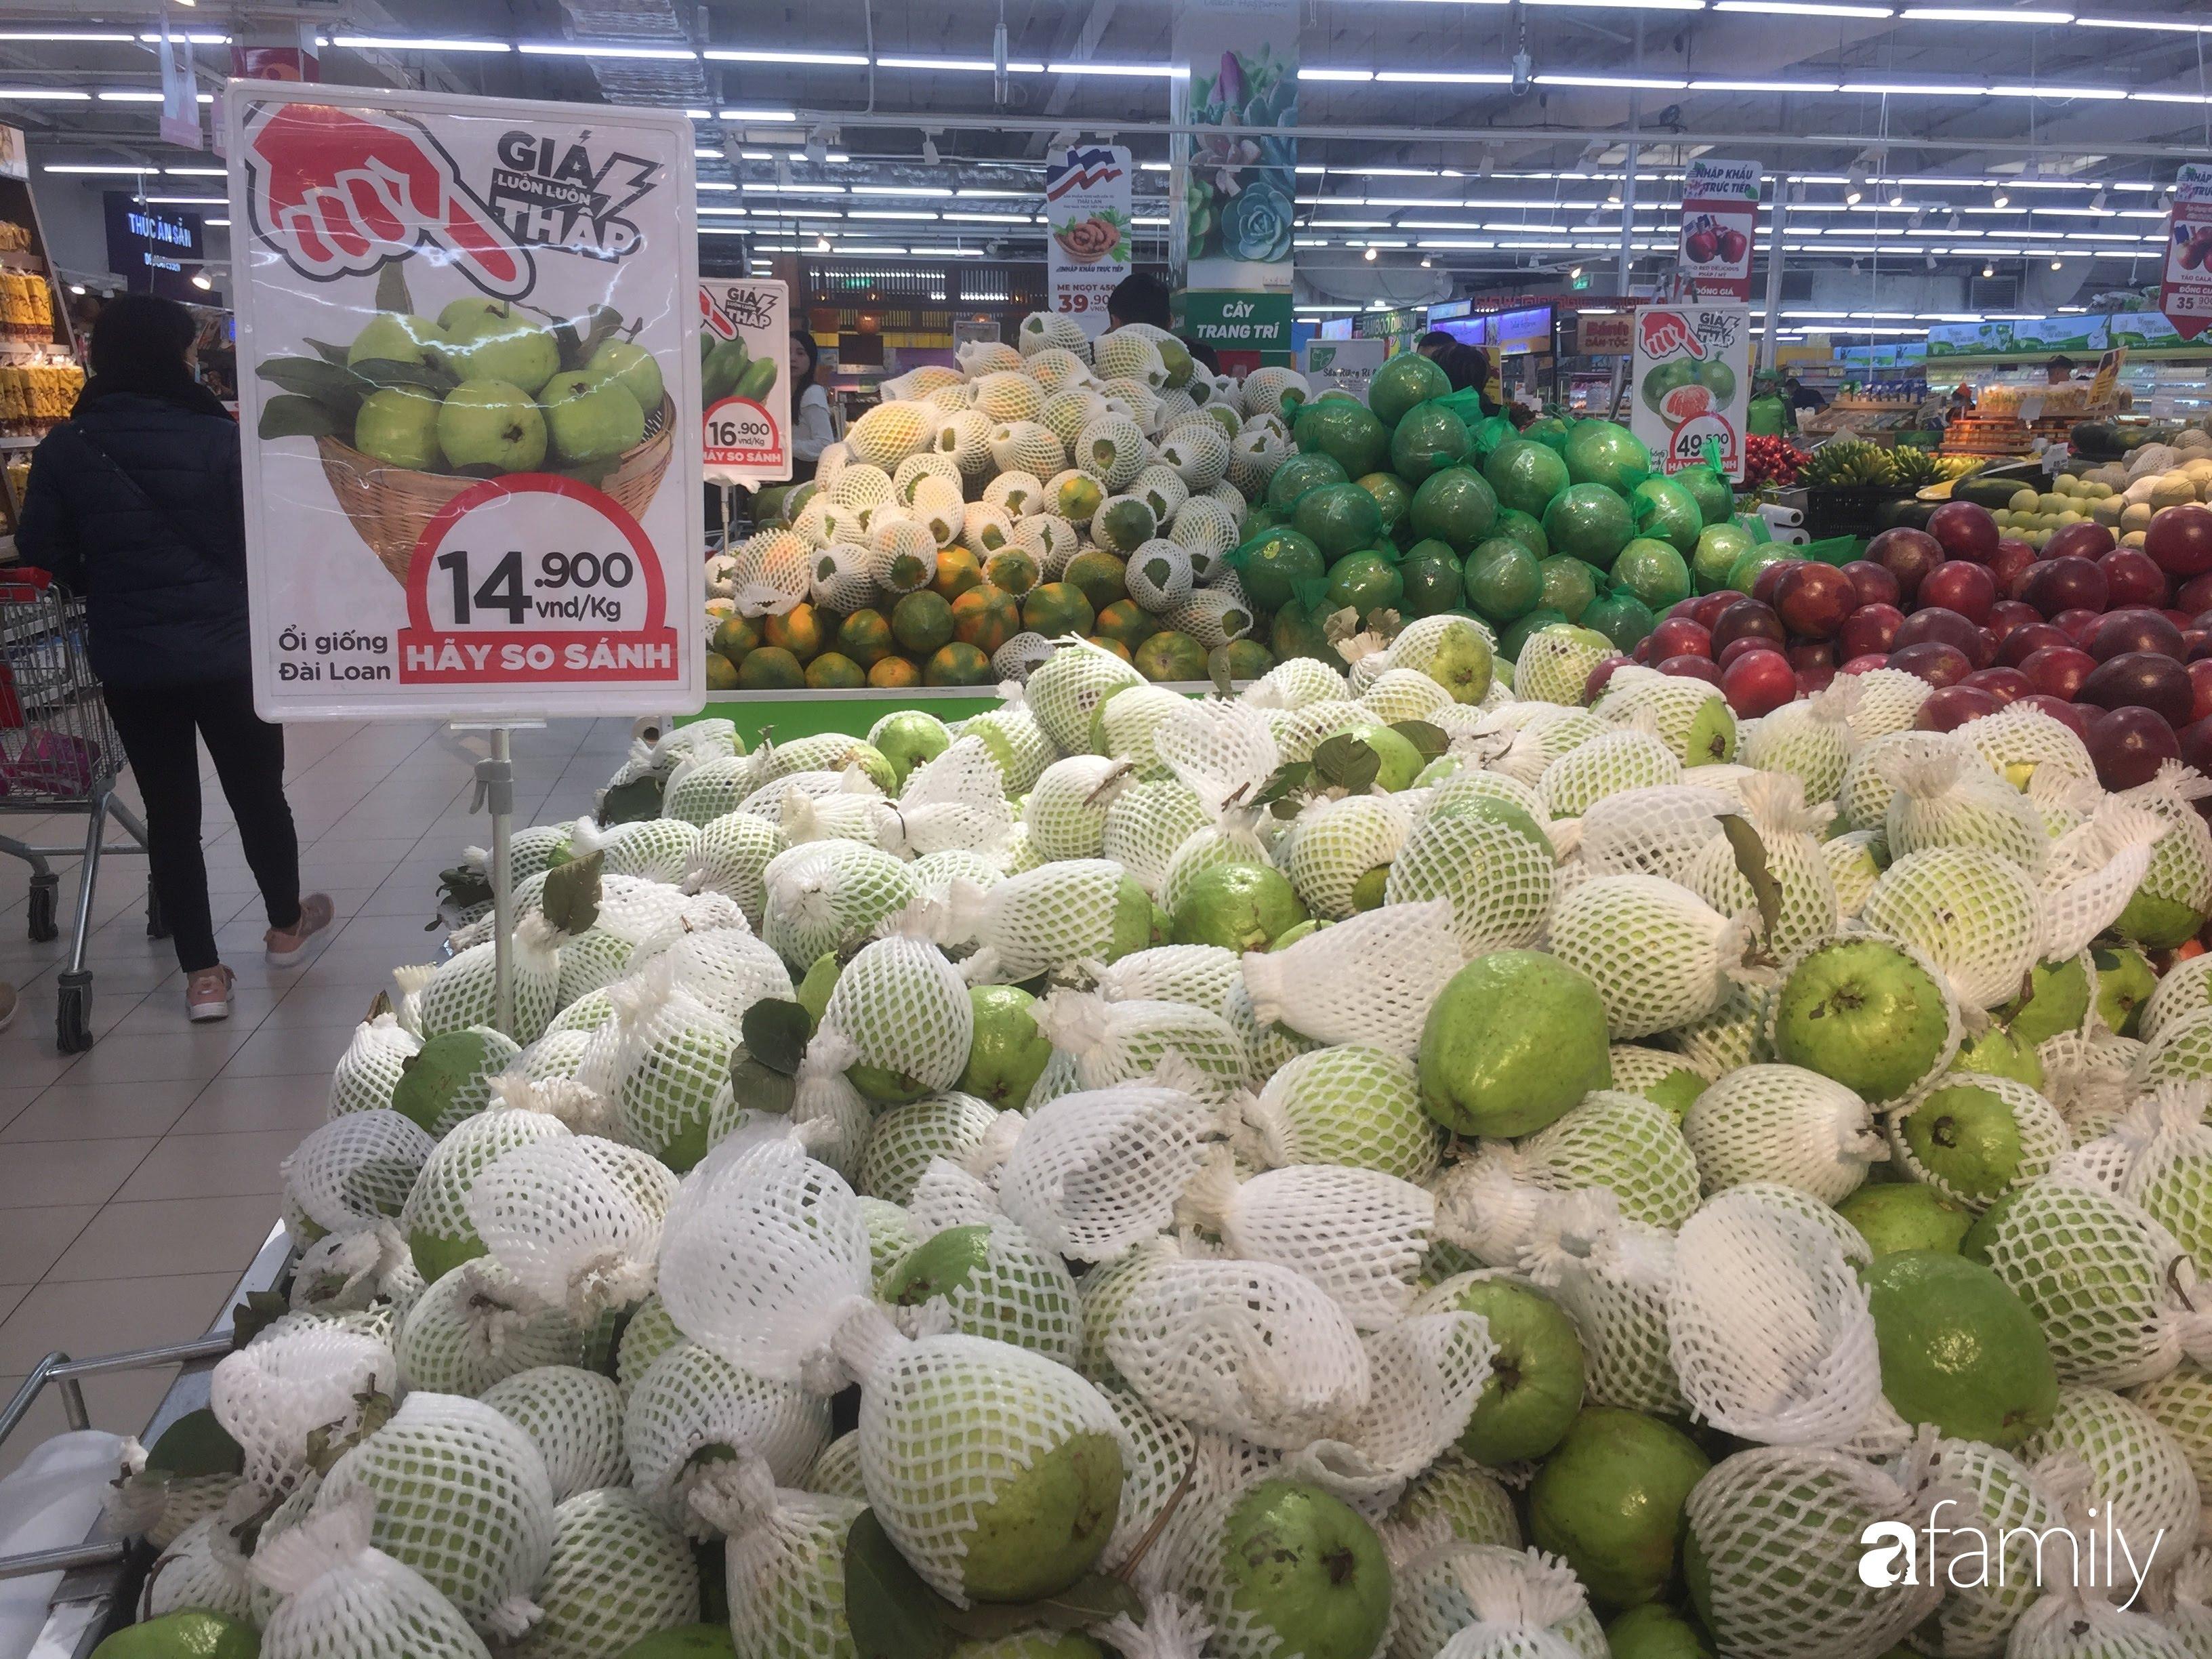 Giá ho quả trong siêu thị rẻ gấp 3 lần so với thời điểm trước Tết, dư hấu còn 6.700 đồng/kg - Ảnh 6.